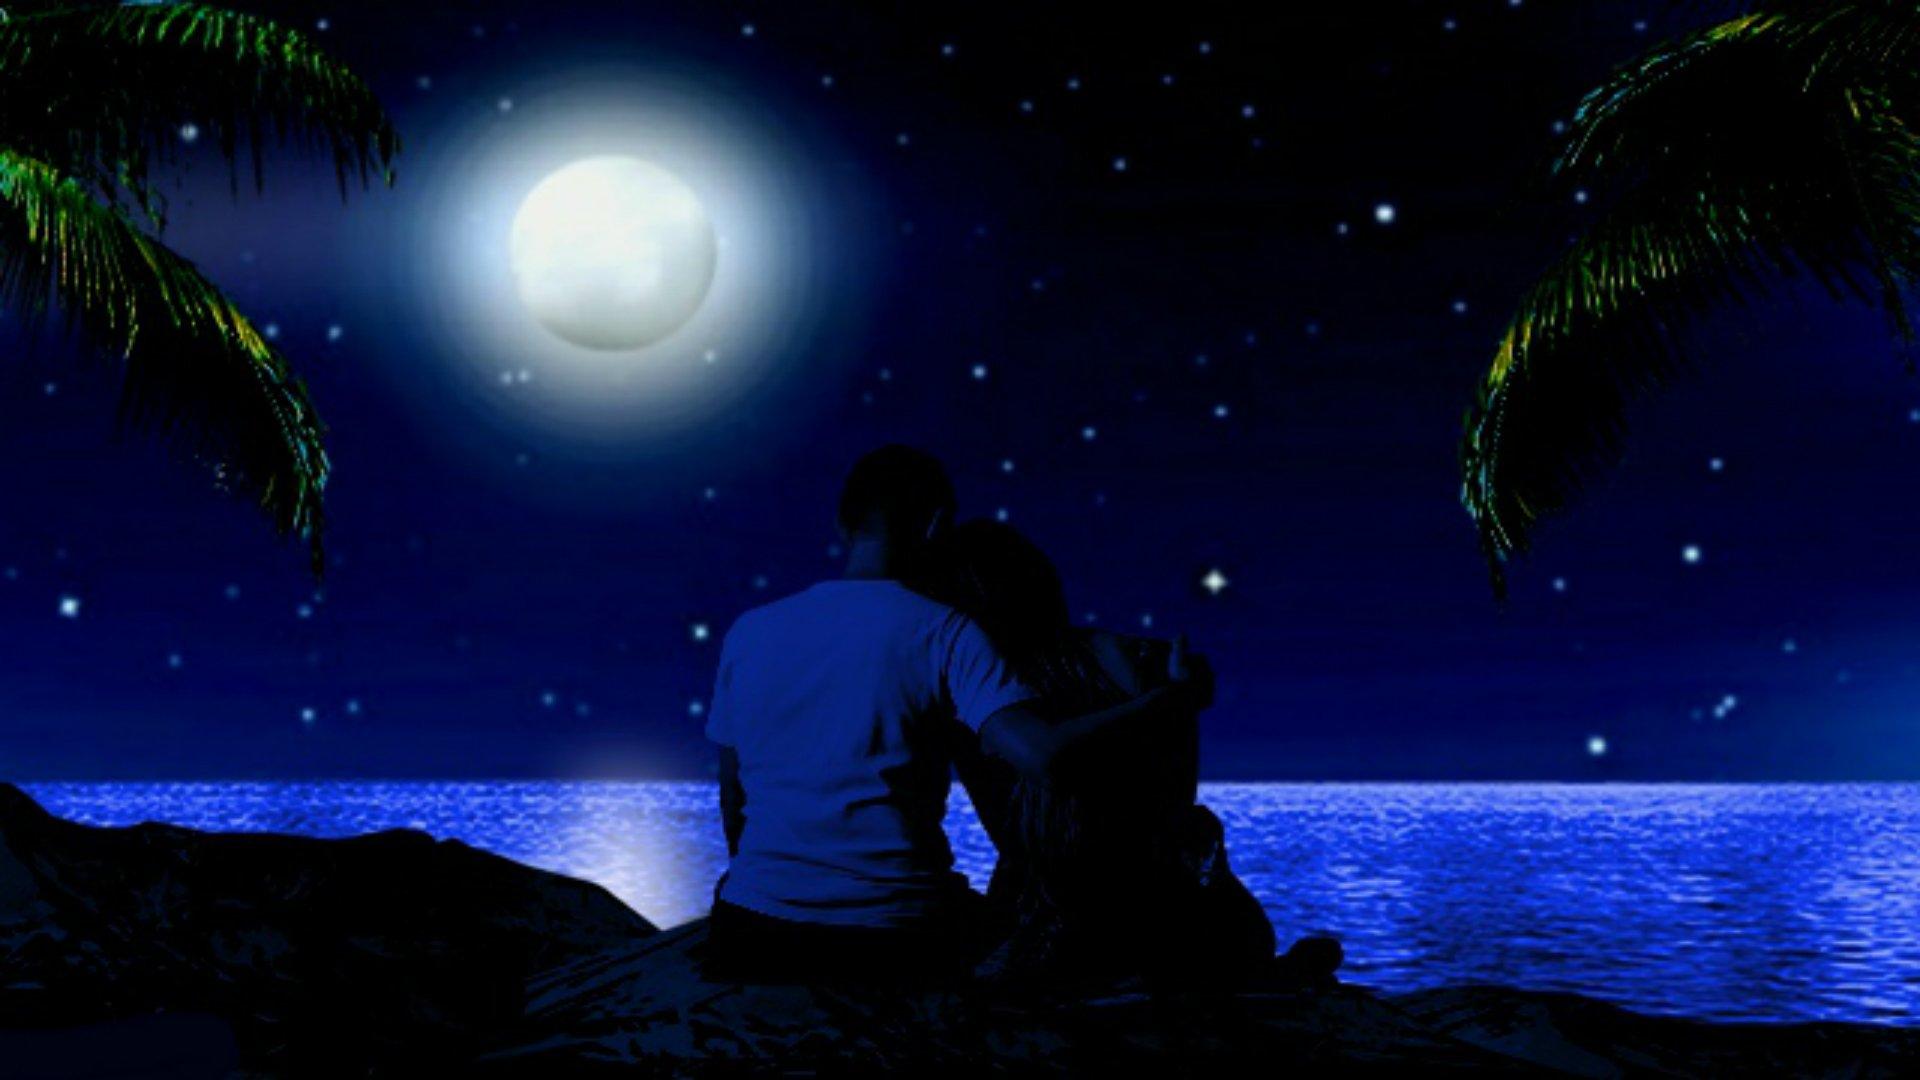 Картинки днем, открытки романтическая летняя ночь